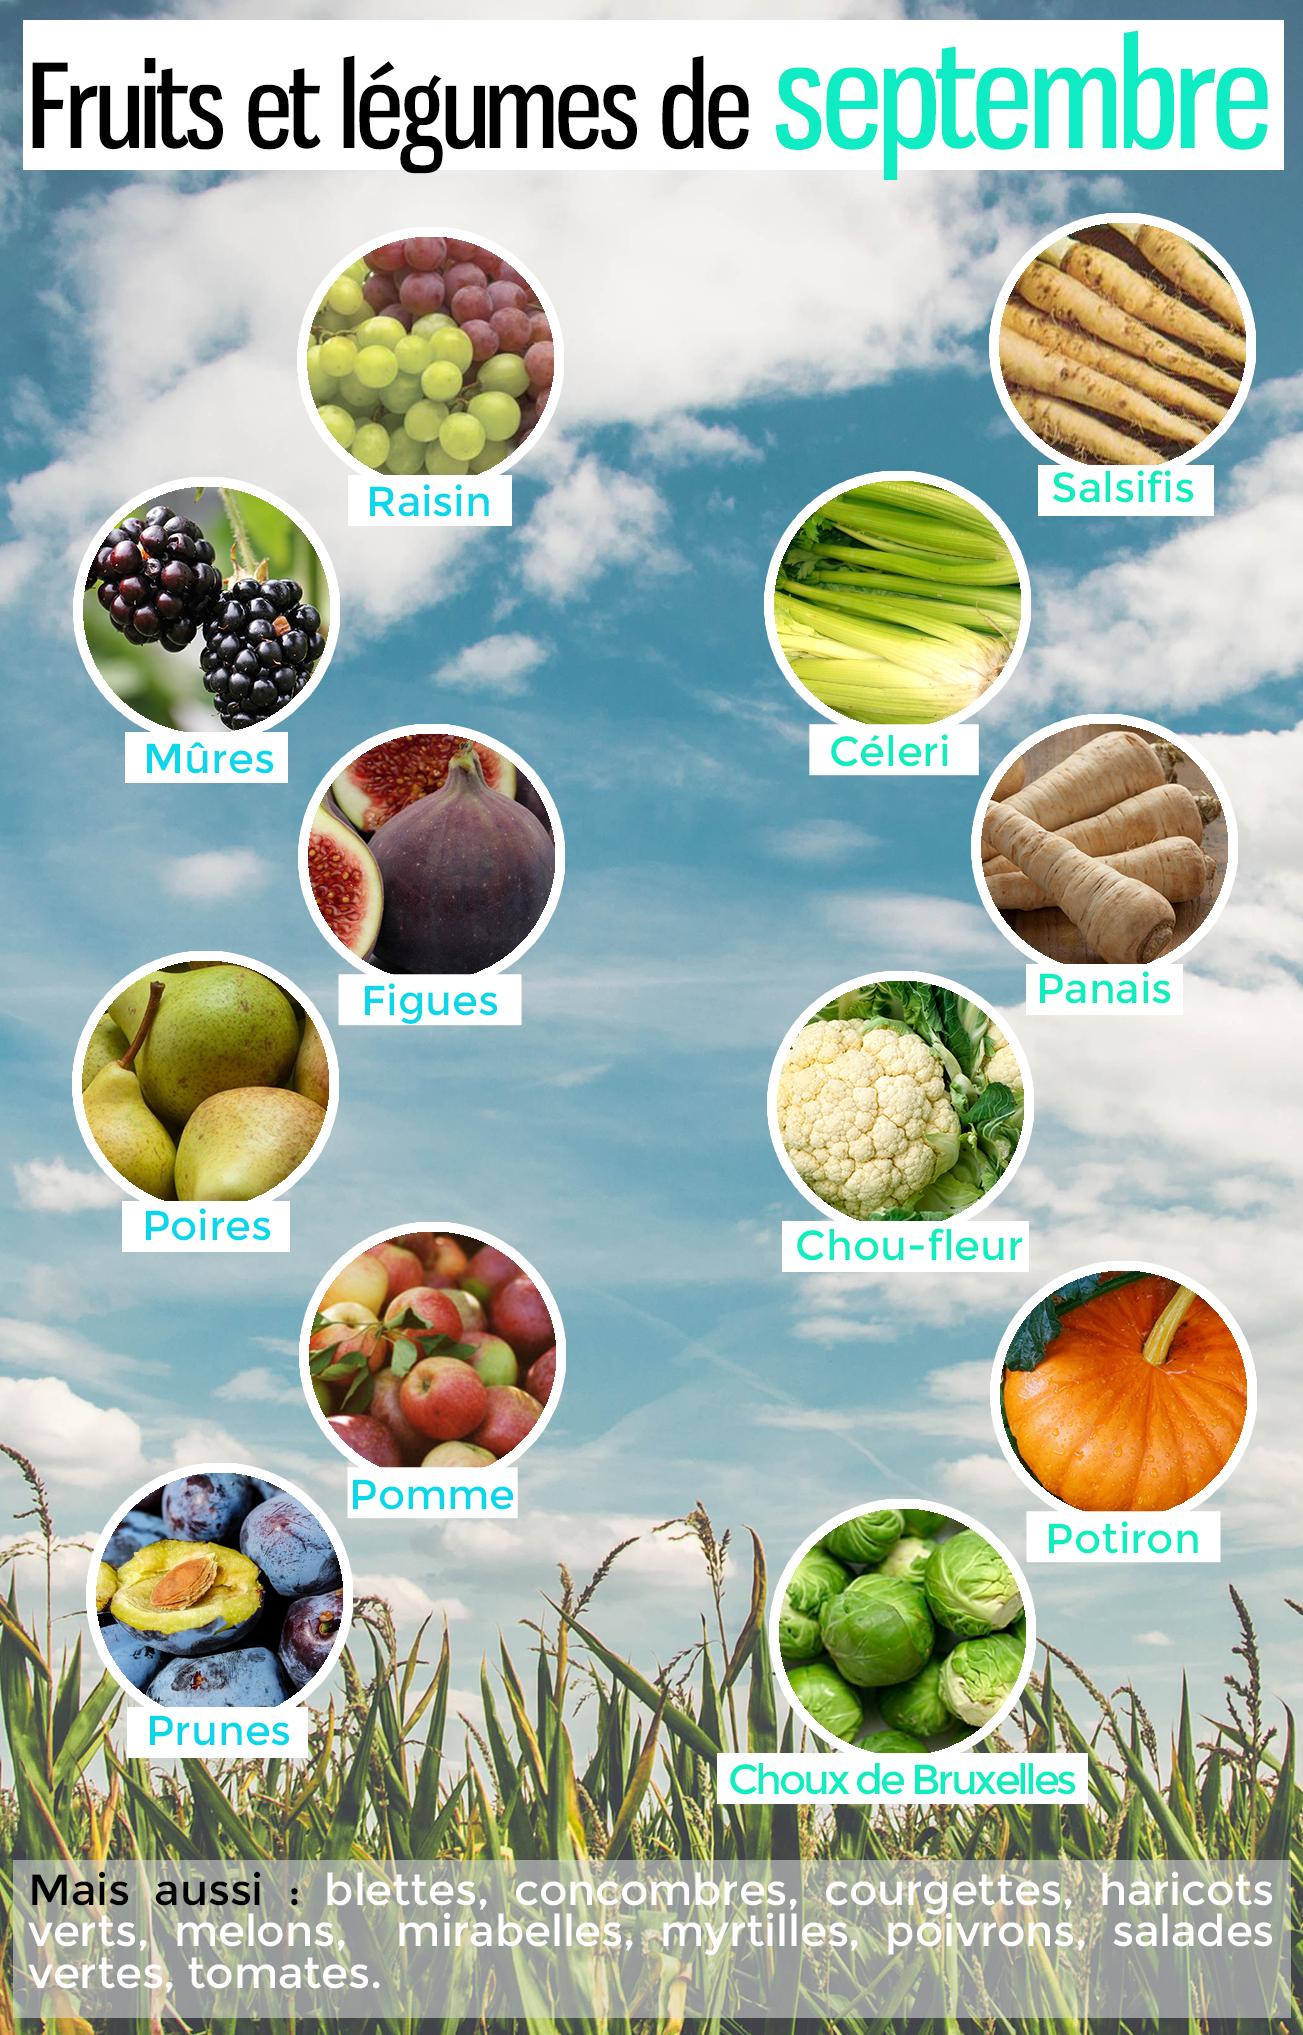 Les fruits et légumes de saison en septembre pour manger équilibré